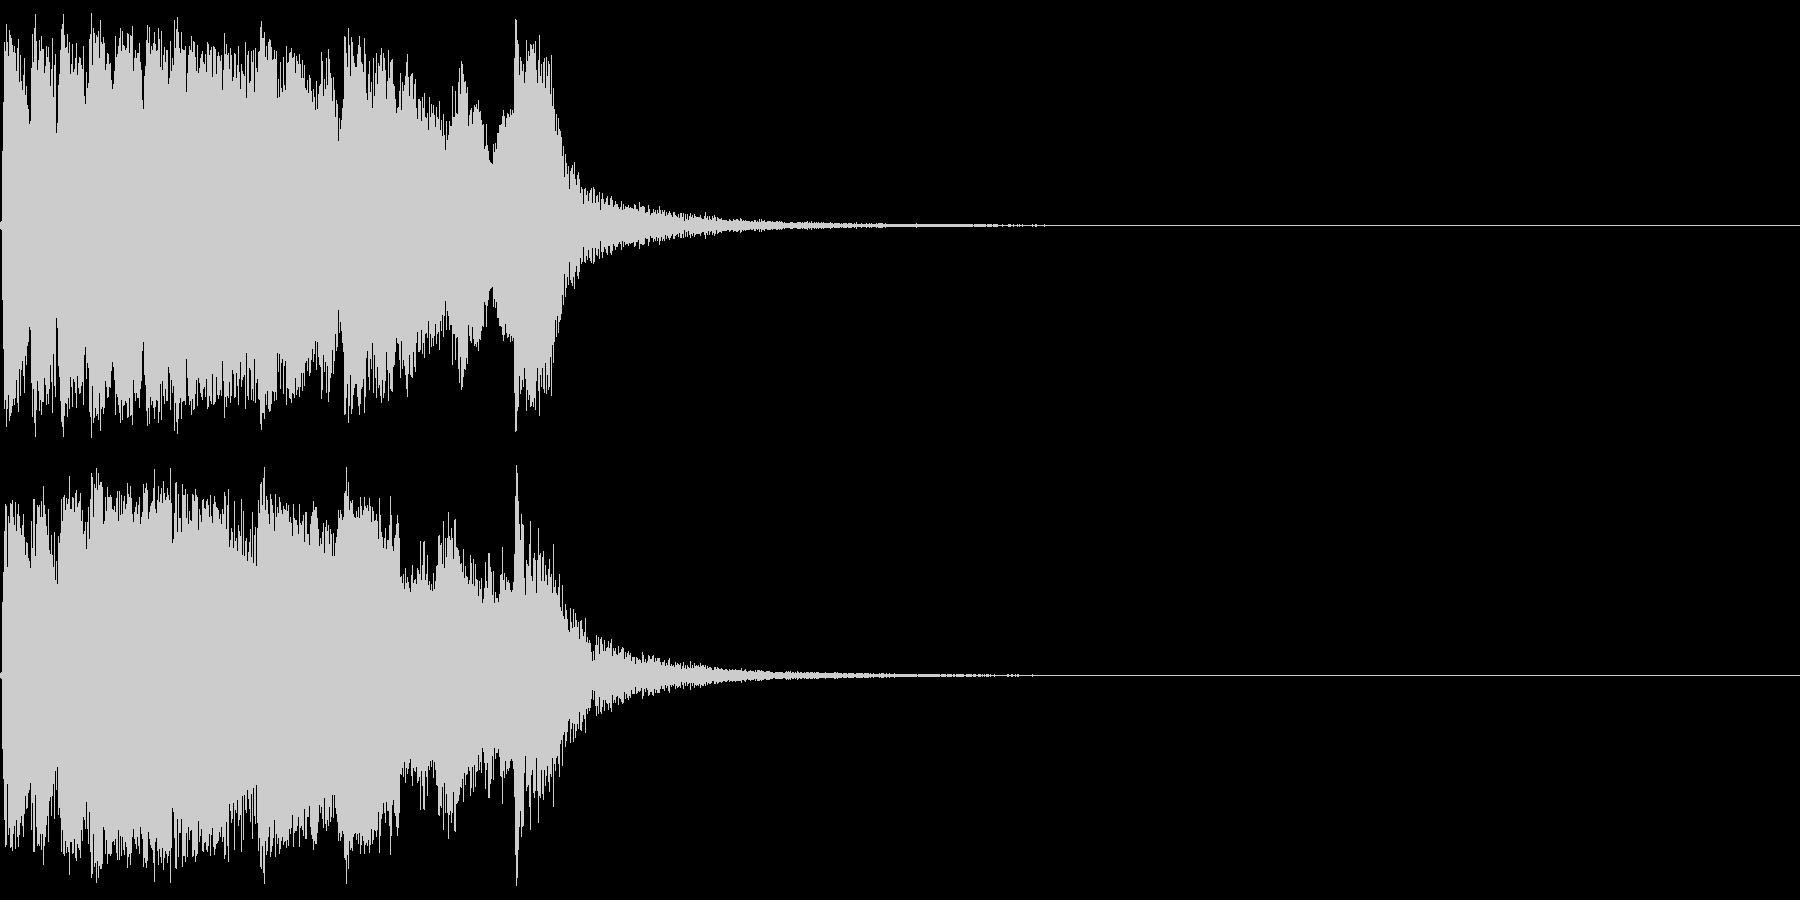 ファンファーレ 当たり 正解 合格 03の未再生の波形